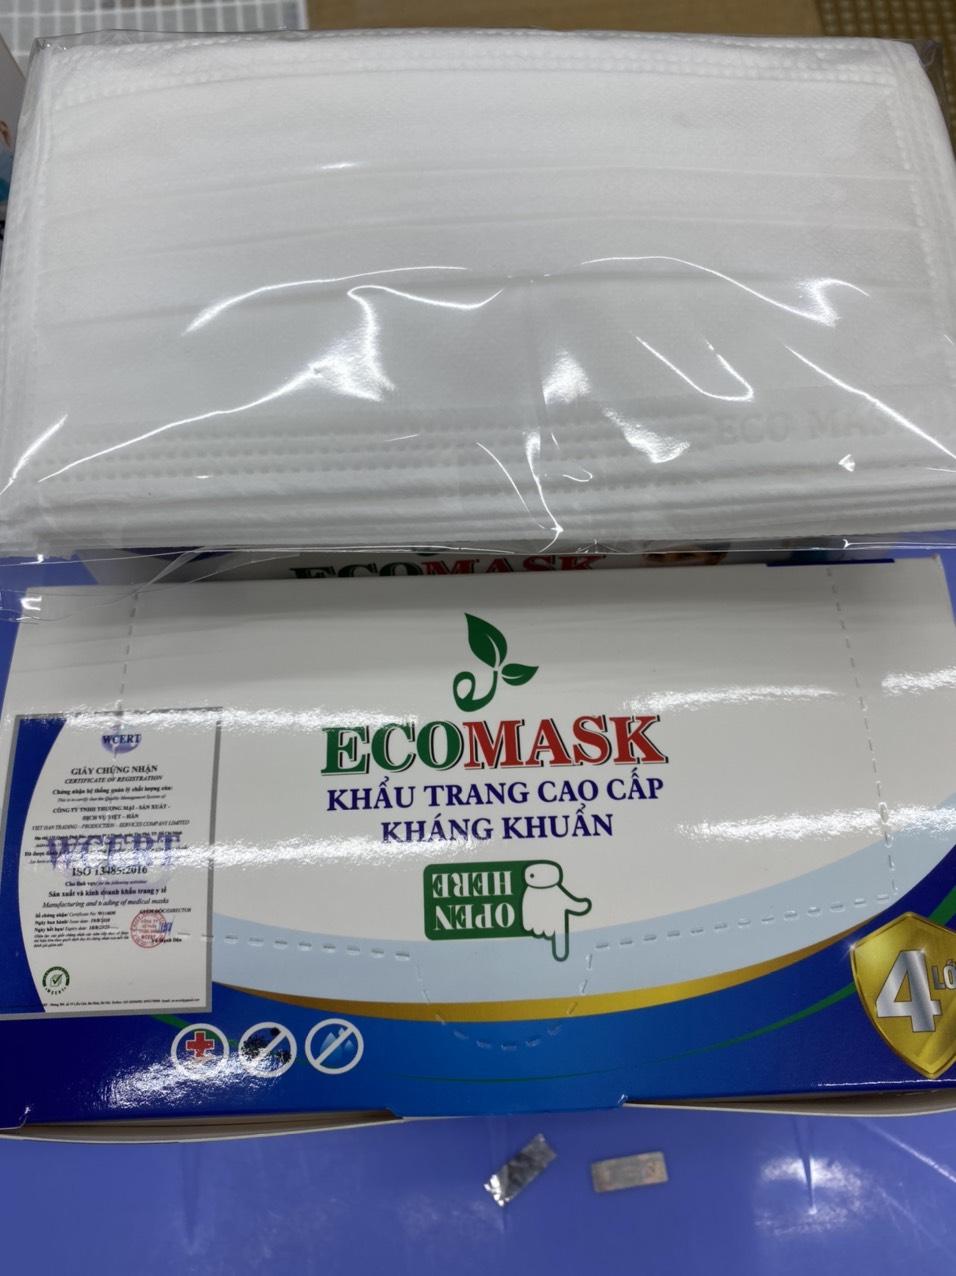 Khẩu Trang Y Tế Cao Cấp Kháng Khuẩn 4 Lớp Ecomask (Hộp 50 cái) Tặng kèm 1 mặt nạ Jant Blanc